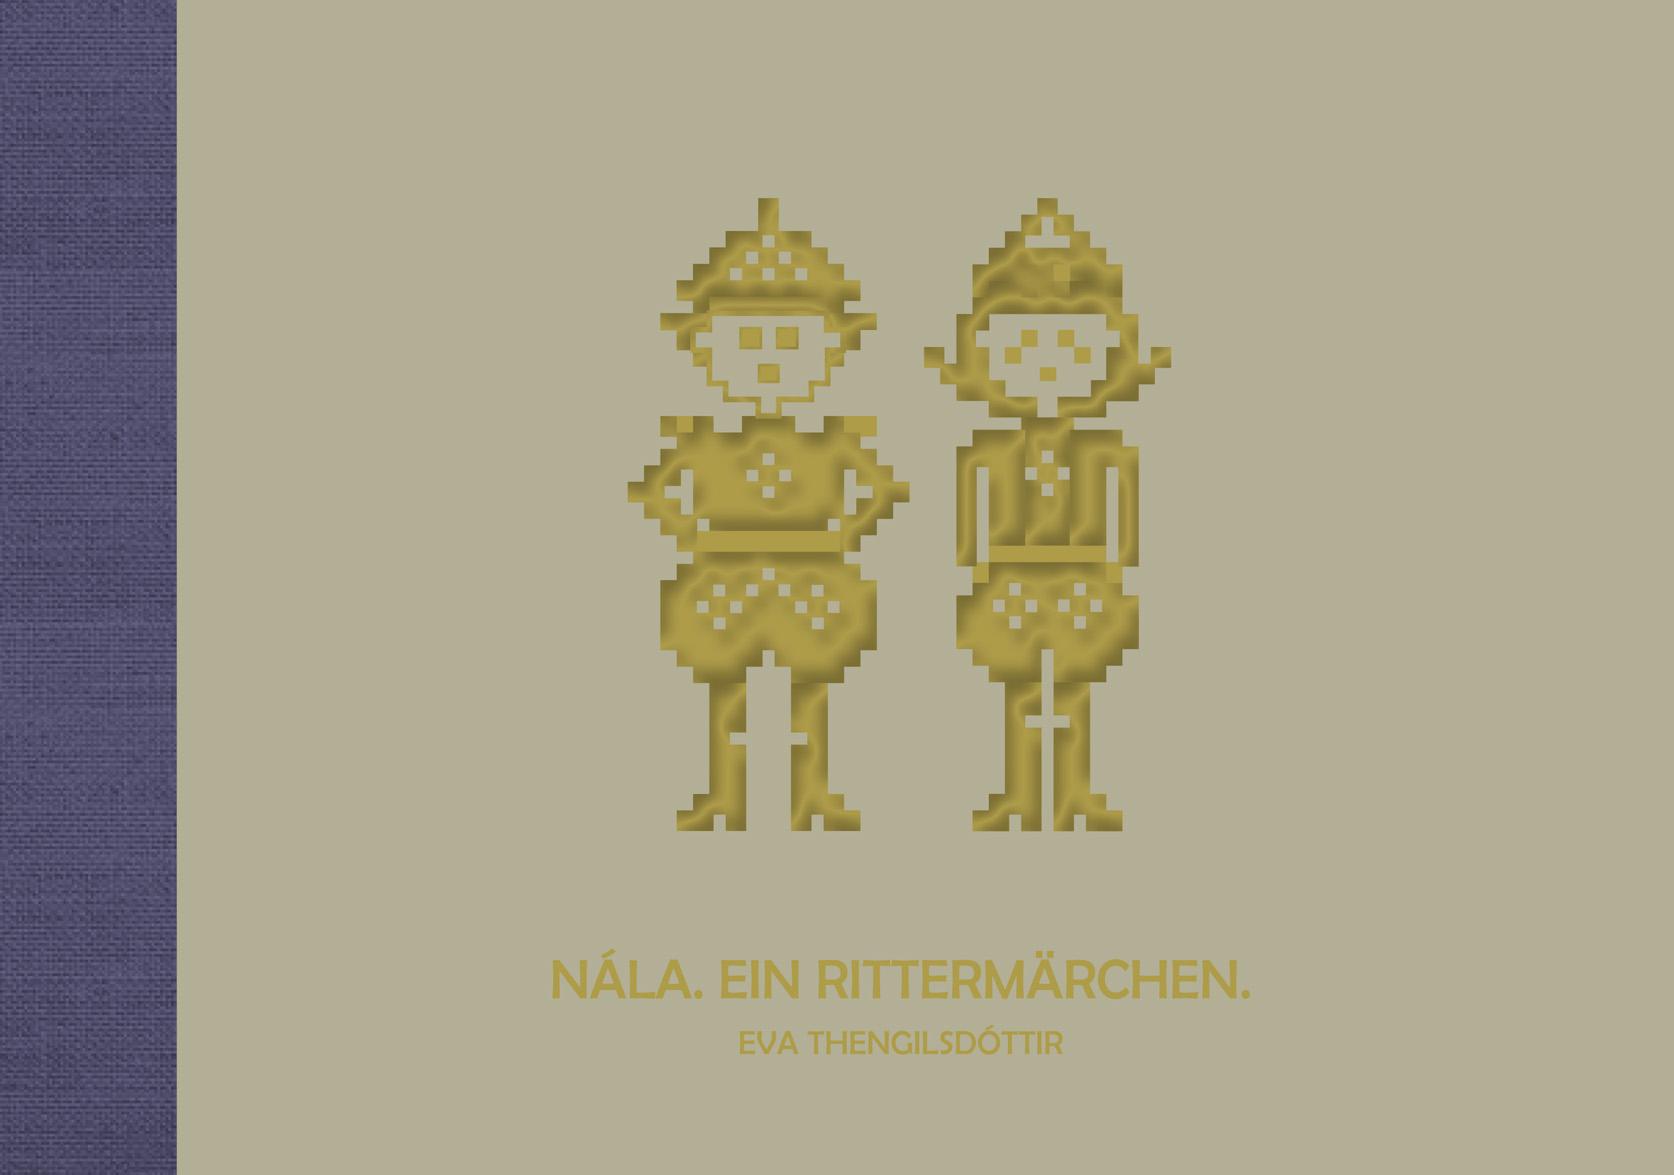 nala-cover